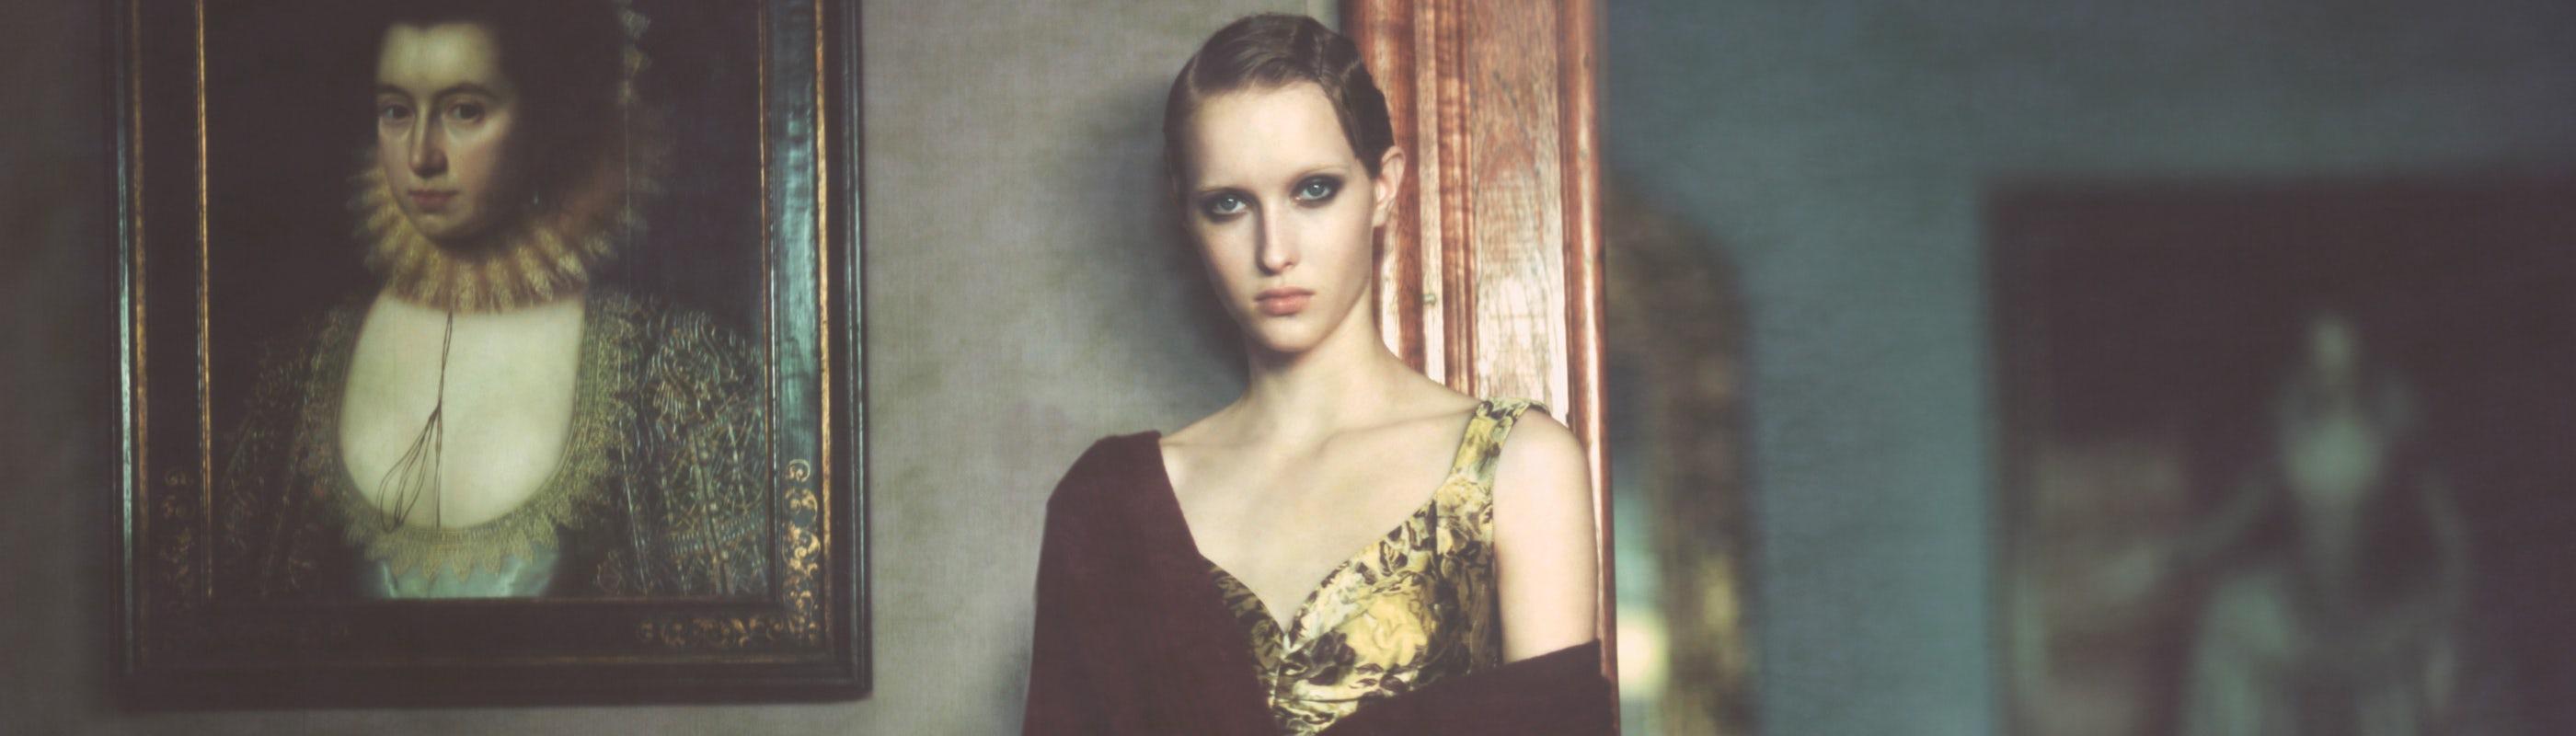 Profile image for Erdem